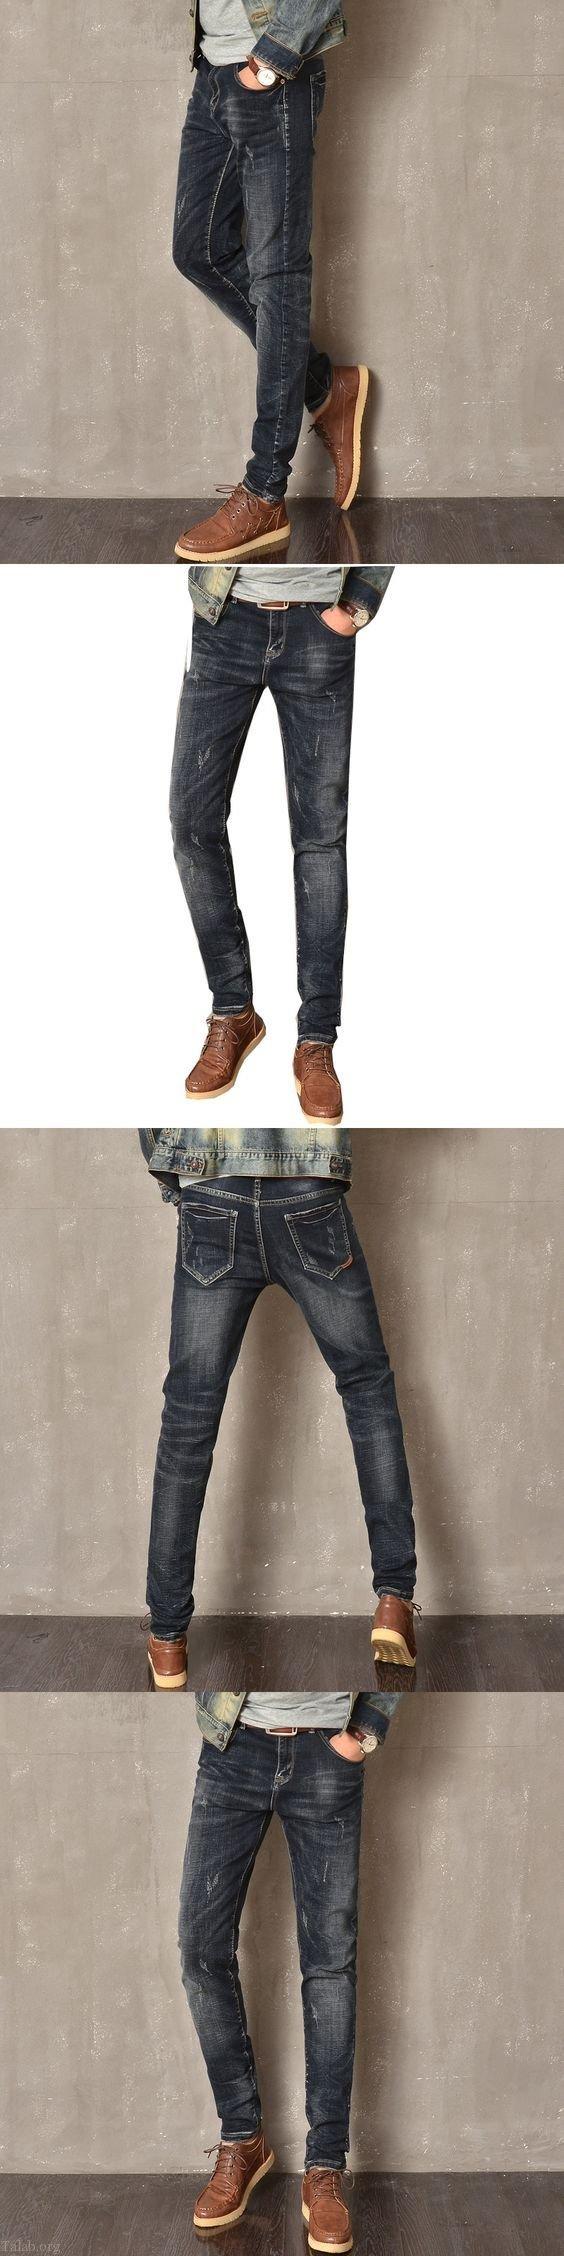 مدل شلوار جین مردانه عید 2020 | مدل های شوار جین مردانه و پسرانه 2020